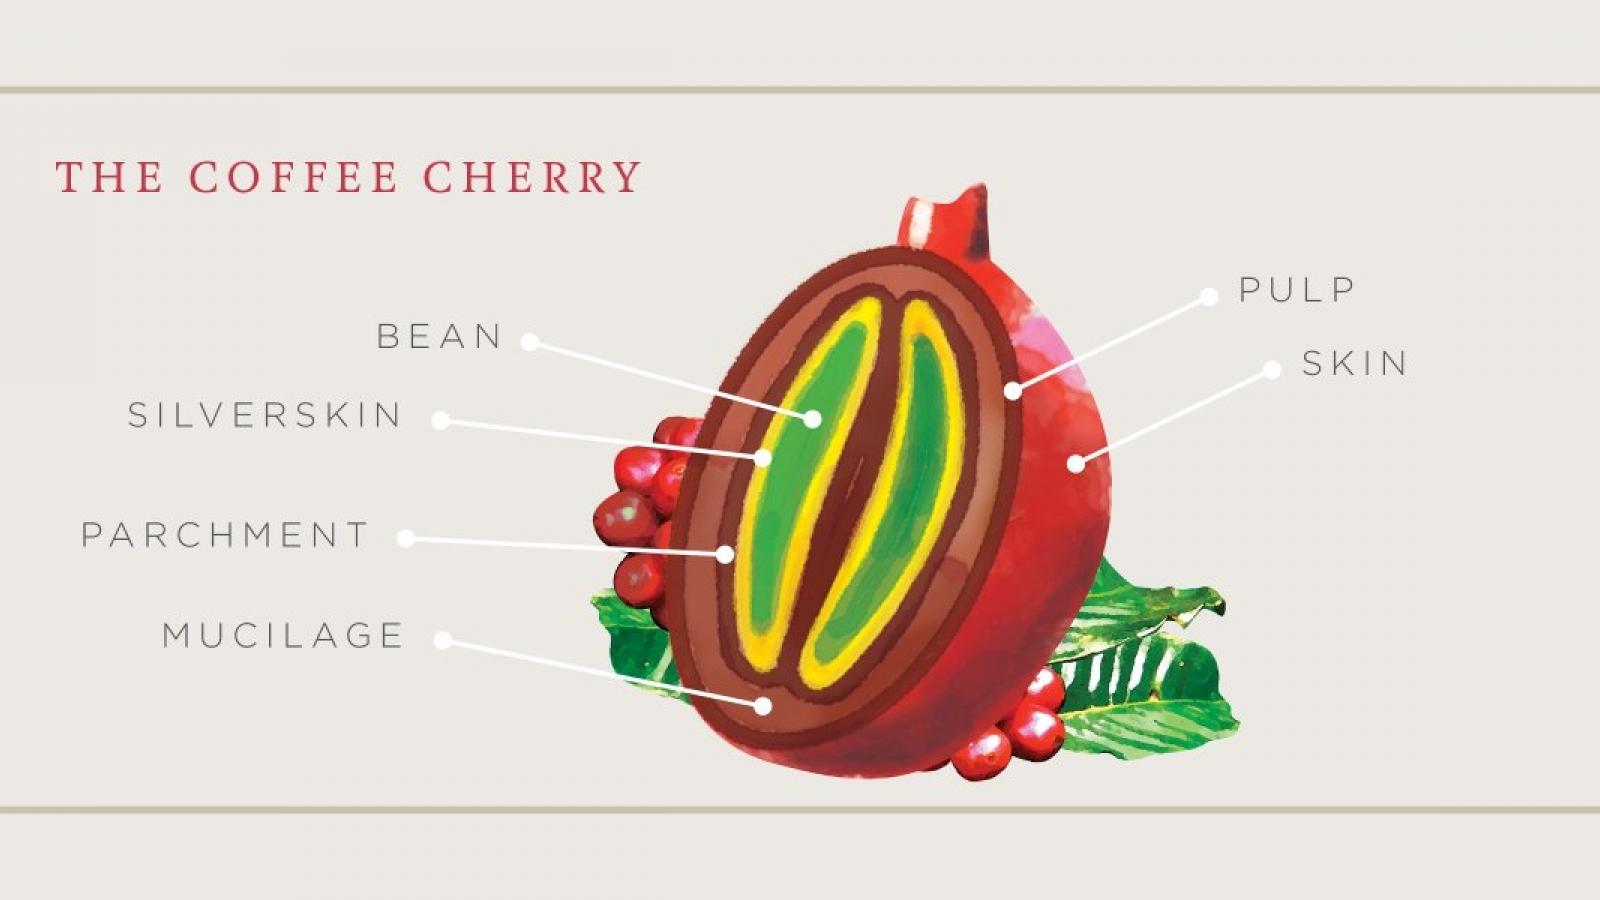 coffee cherry infographic